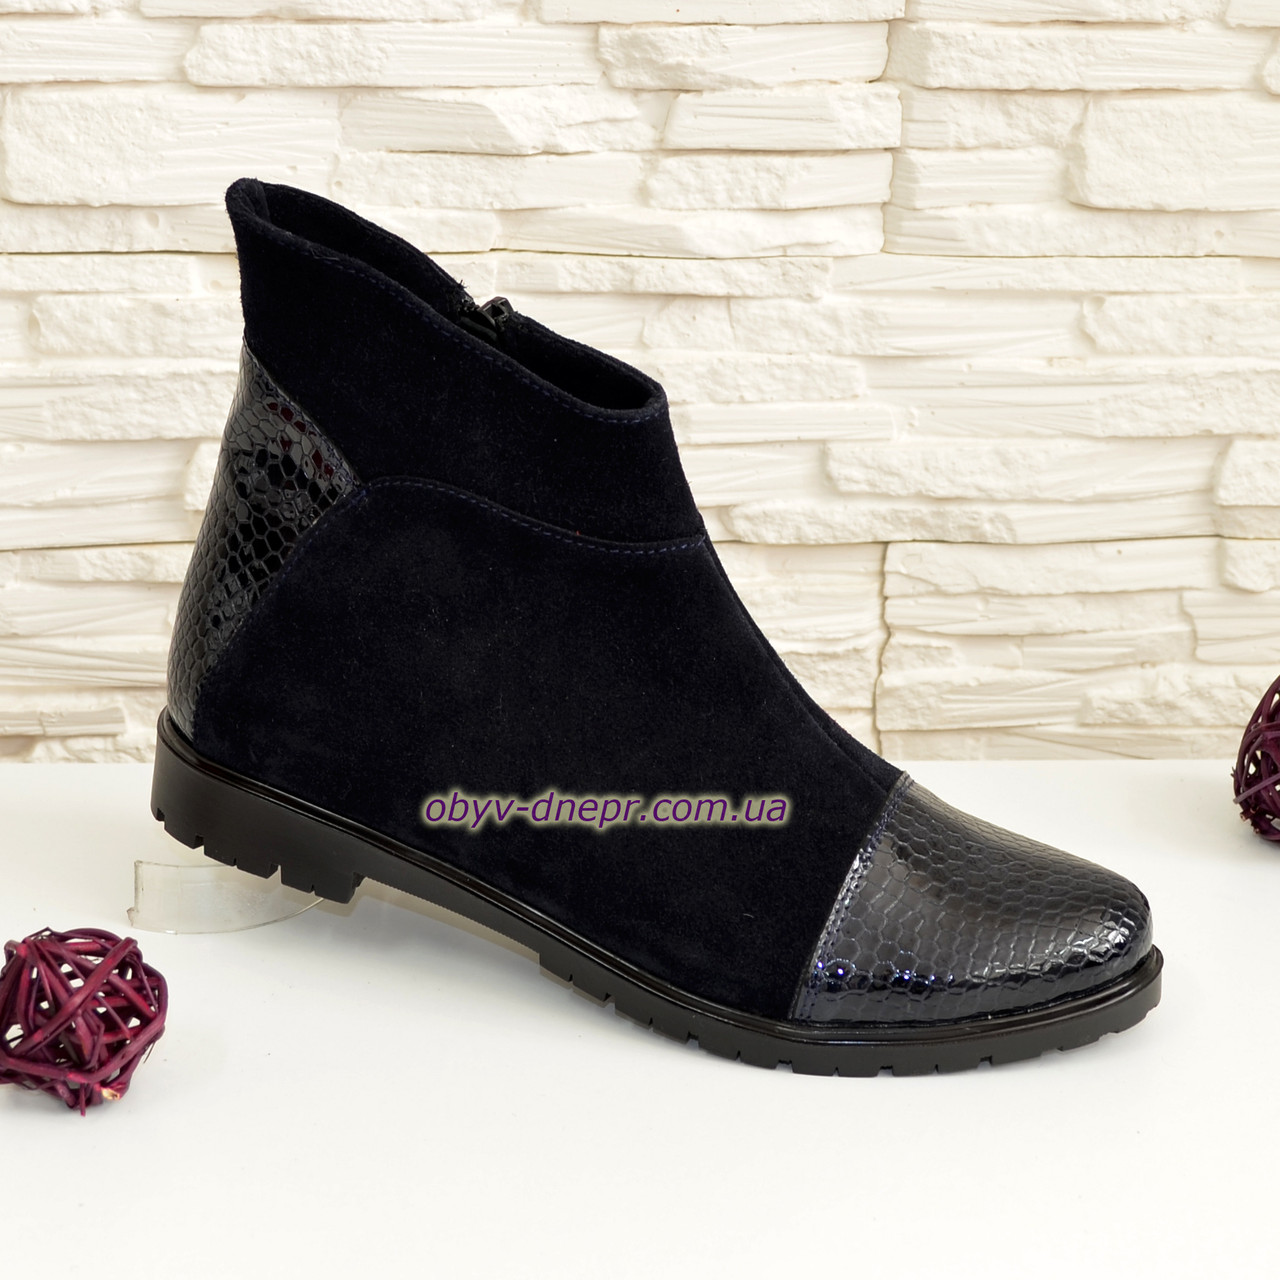 """Жіночі черевики на низькому ходу, натуральний замш і шкіра """"пітон"""" синього кольору."""